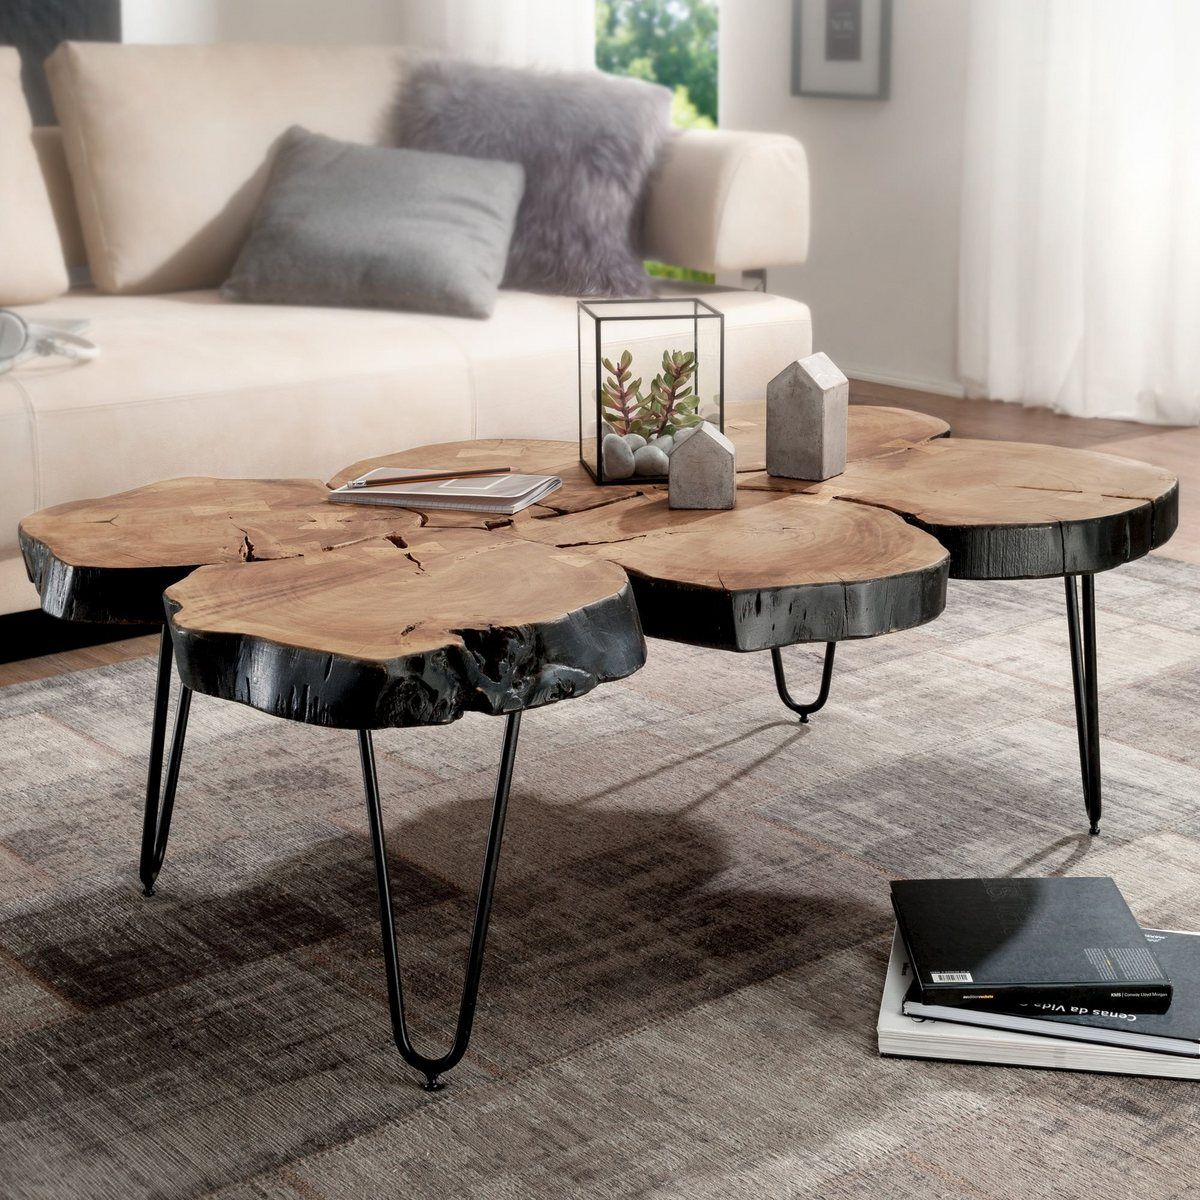 Couchtisch Wl1 510 Bagli Massiv Holz Akazie 115 Cm Breit Wohnzimmer Tisch Design Metallbeine Land In 2020 Wohnzimmertisch Couchtisch Couchtisch Baumstamm